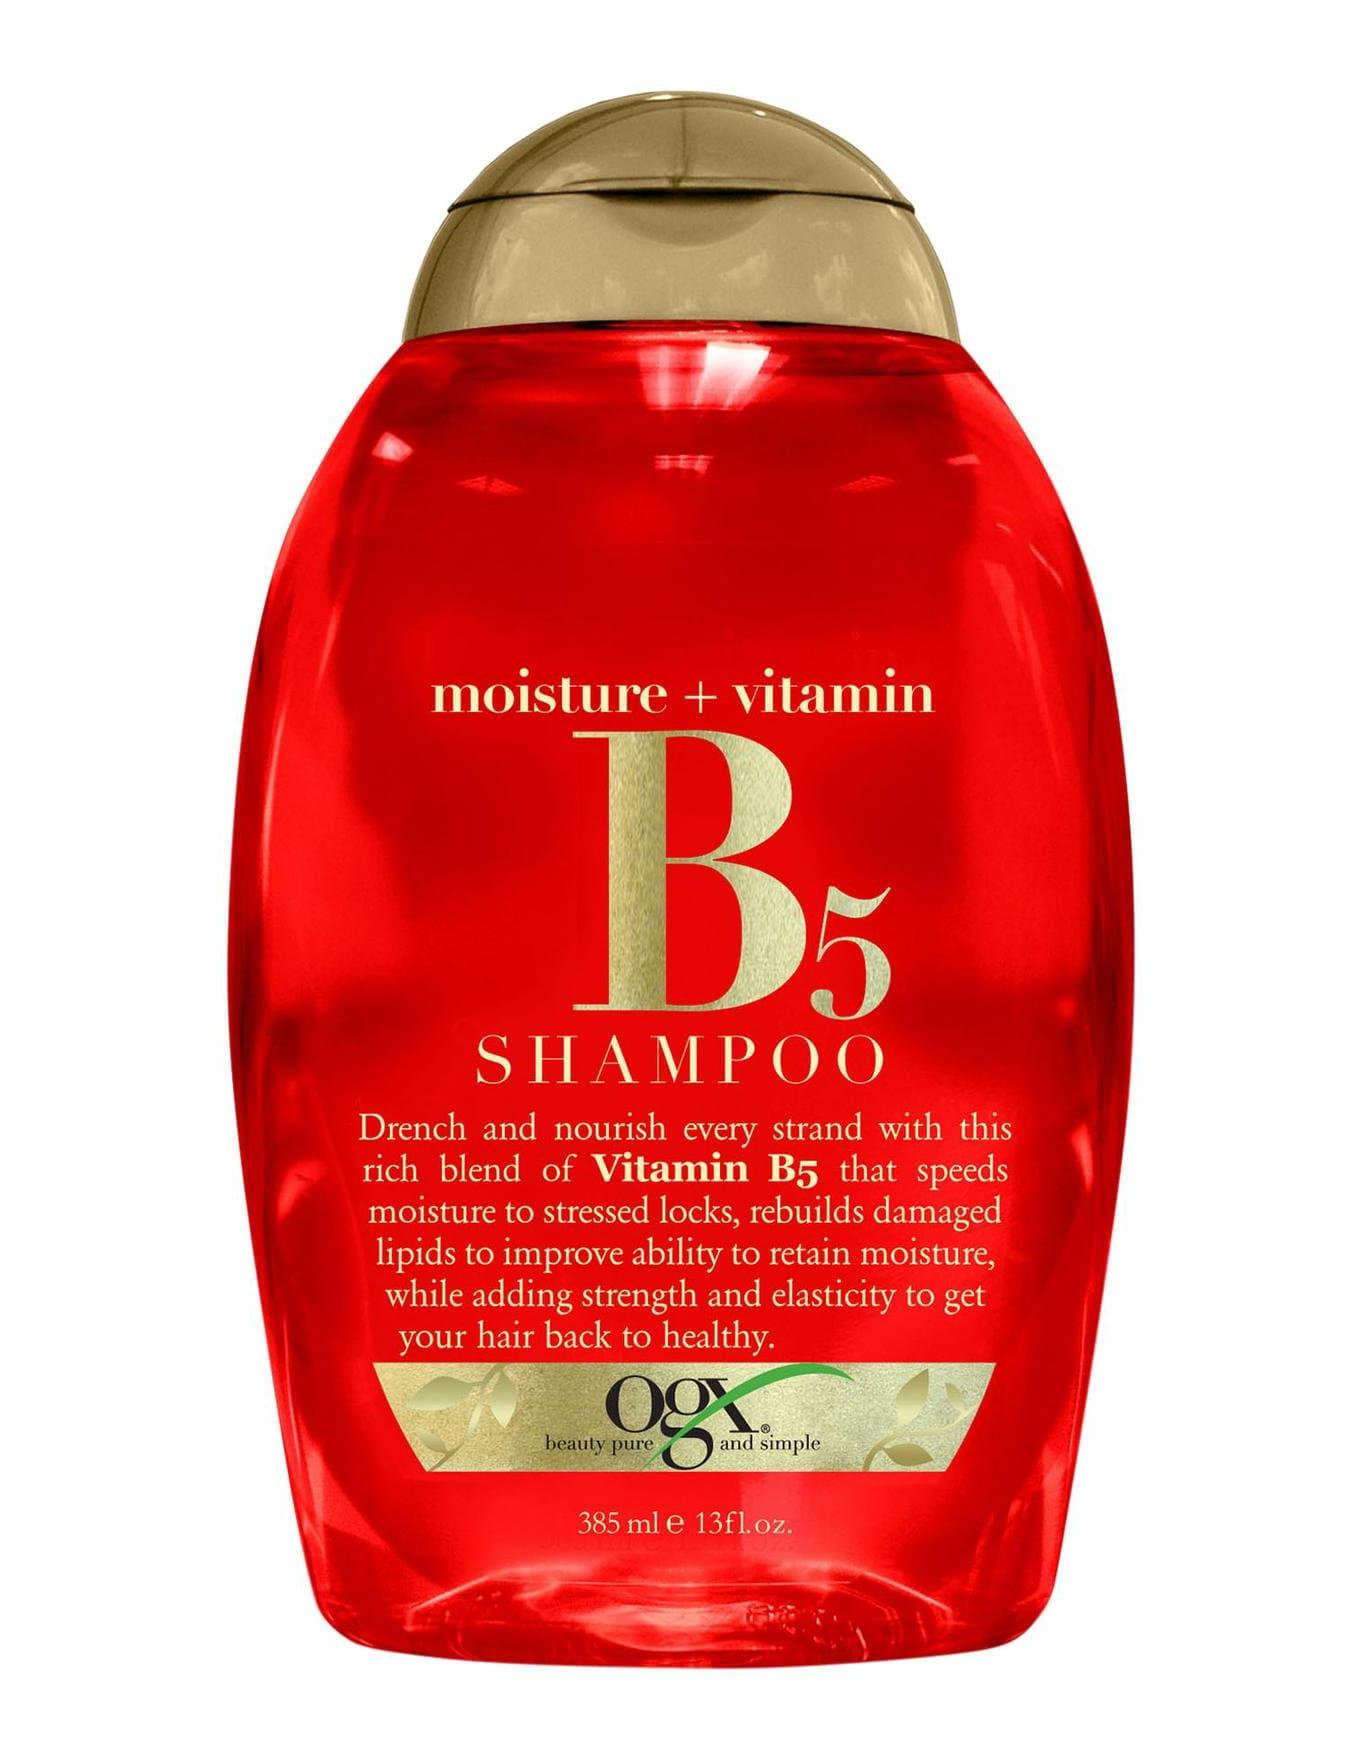 Moisture  Vitamin B5 Увлажняющий Шампунь С Витамином В5Кондиционеры<br>Увлажняющий шампунь с витамином В5 Moisture   Vitamin B5 Shampoo помогает удерживать влагу внутри волоса  восстанавливает поврежденные липиды  придает волосам прочность и эластичность  чтобы волосы выглядели здоровыми и сильными<br>Type: 385 мл;